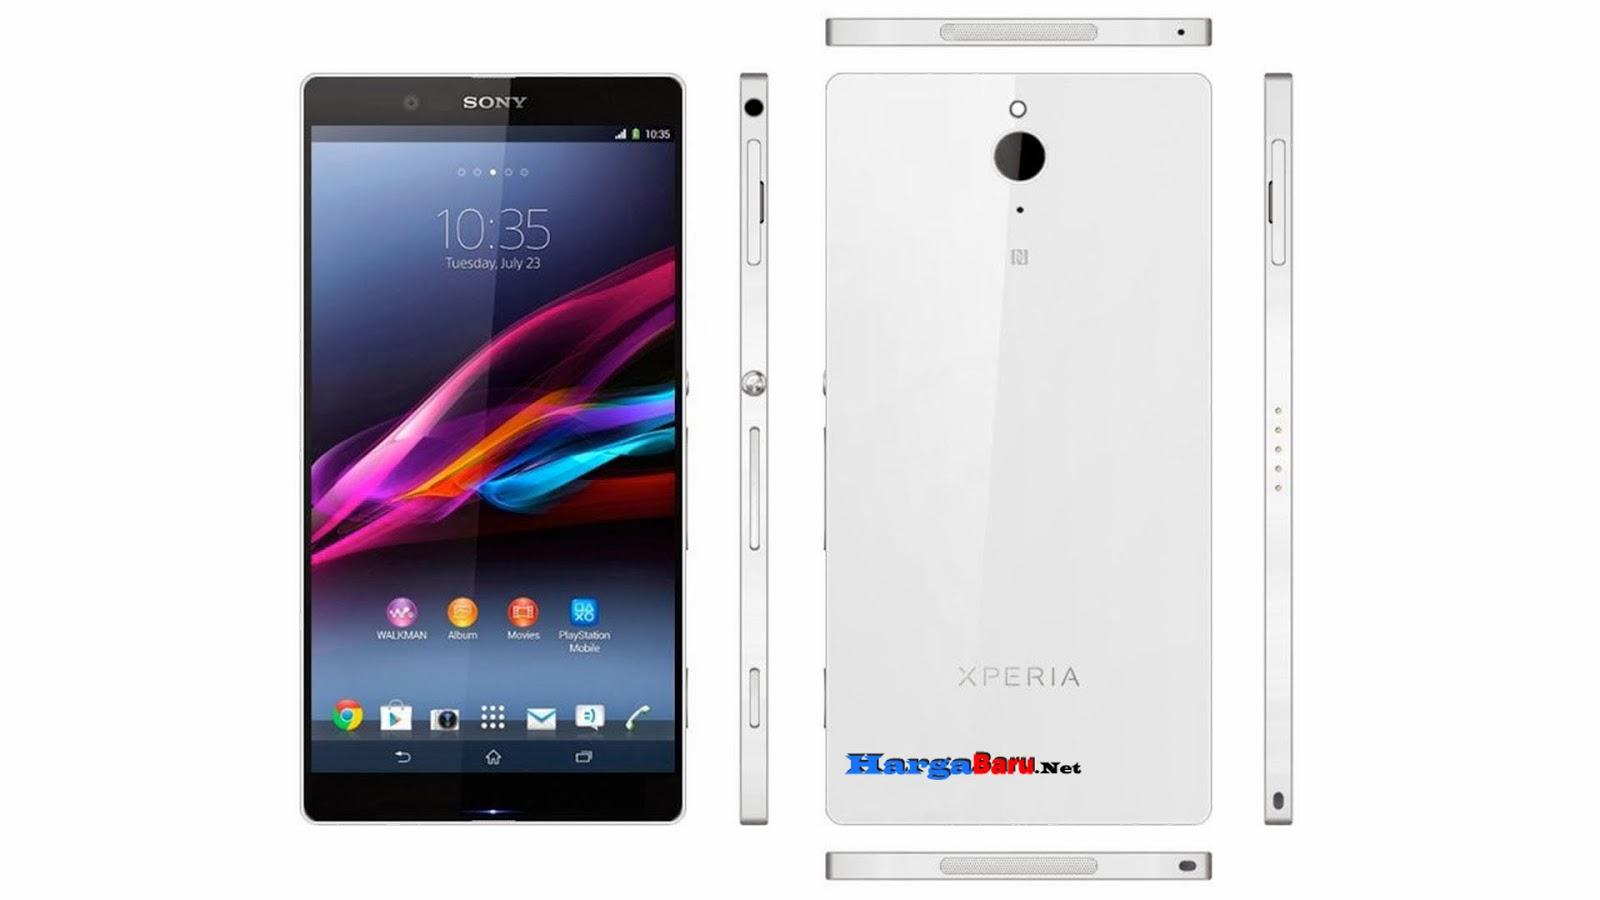 Sony Xperia Z2 Di Banderol Dengan Harga Rp.8,5 juta